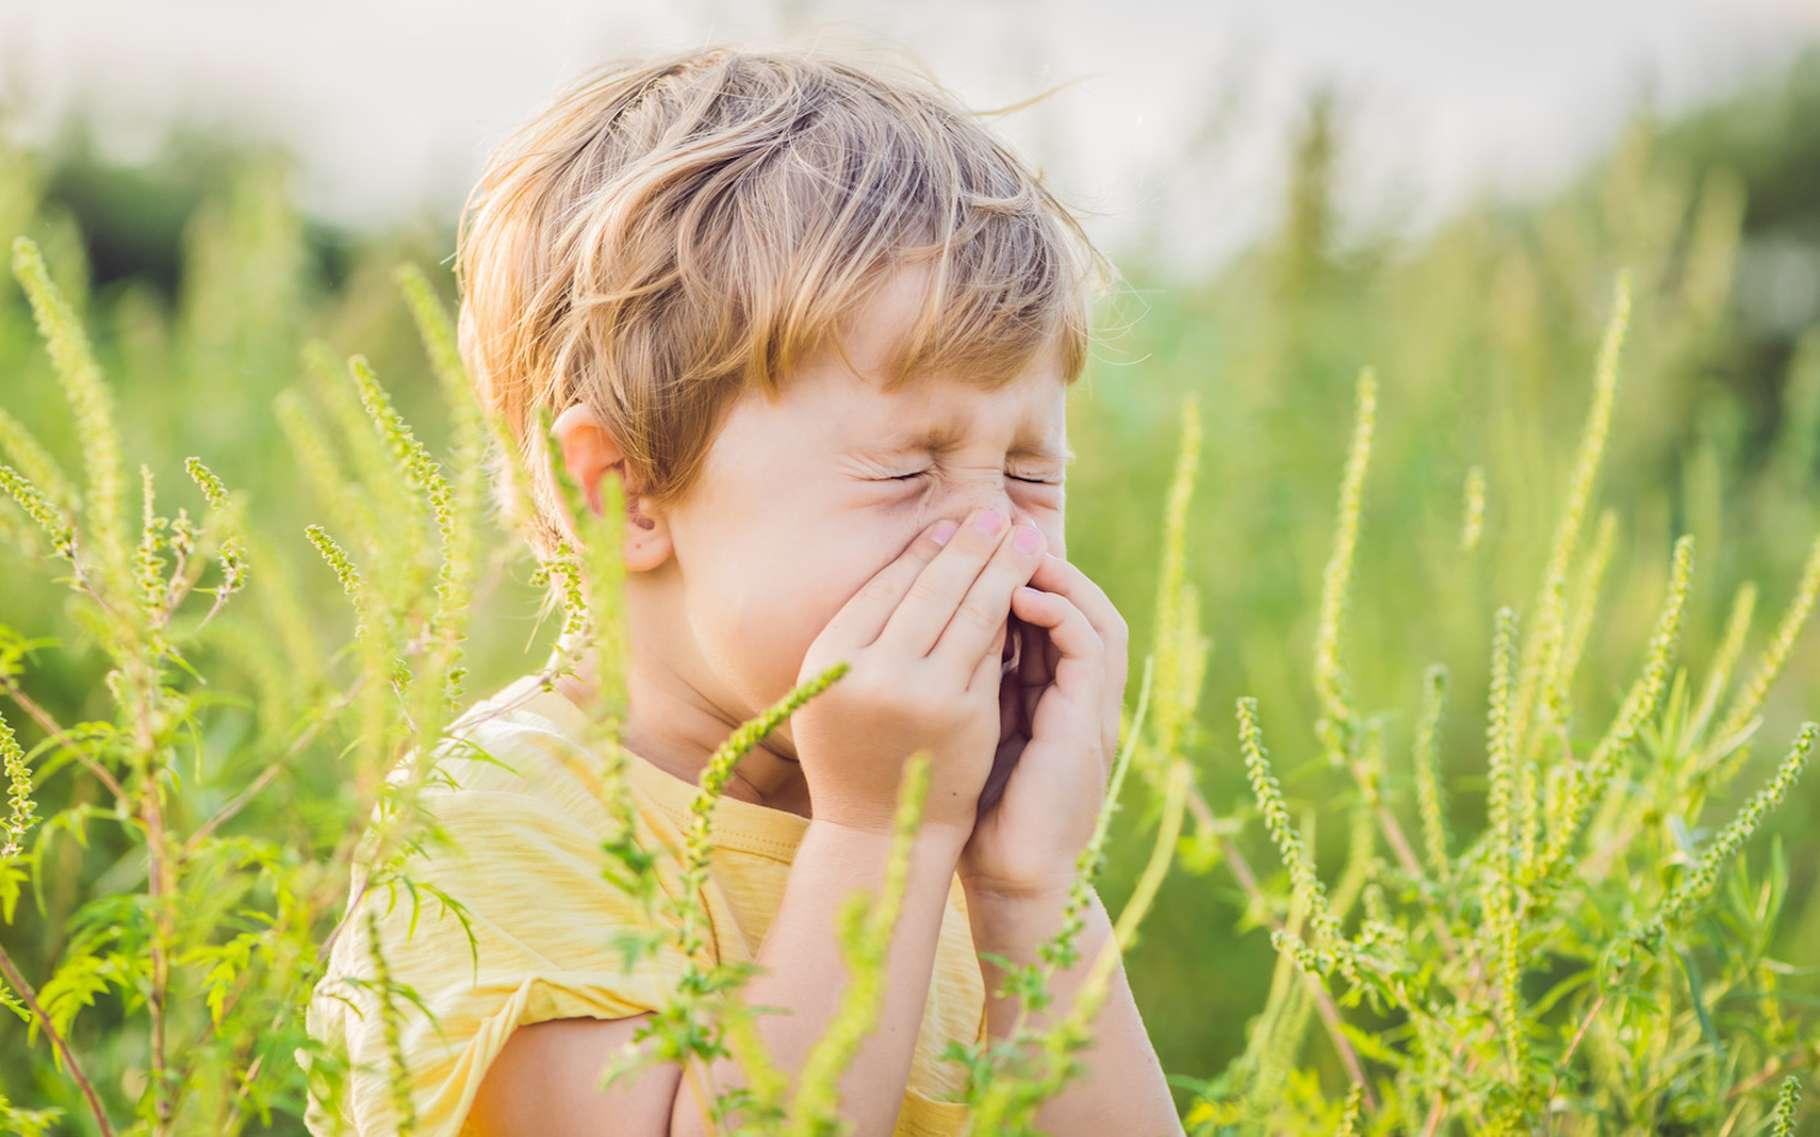 Selon l'Institut national de la santé et de la recherche médicale (Inserm), quelque 30 % des Français seraient aujourd'hui touchés par une allergie. Et ils seraient environ 300.000 à suivre un traitement de désensibilisation. © galitskaya, Fotolia